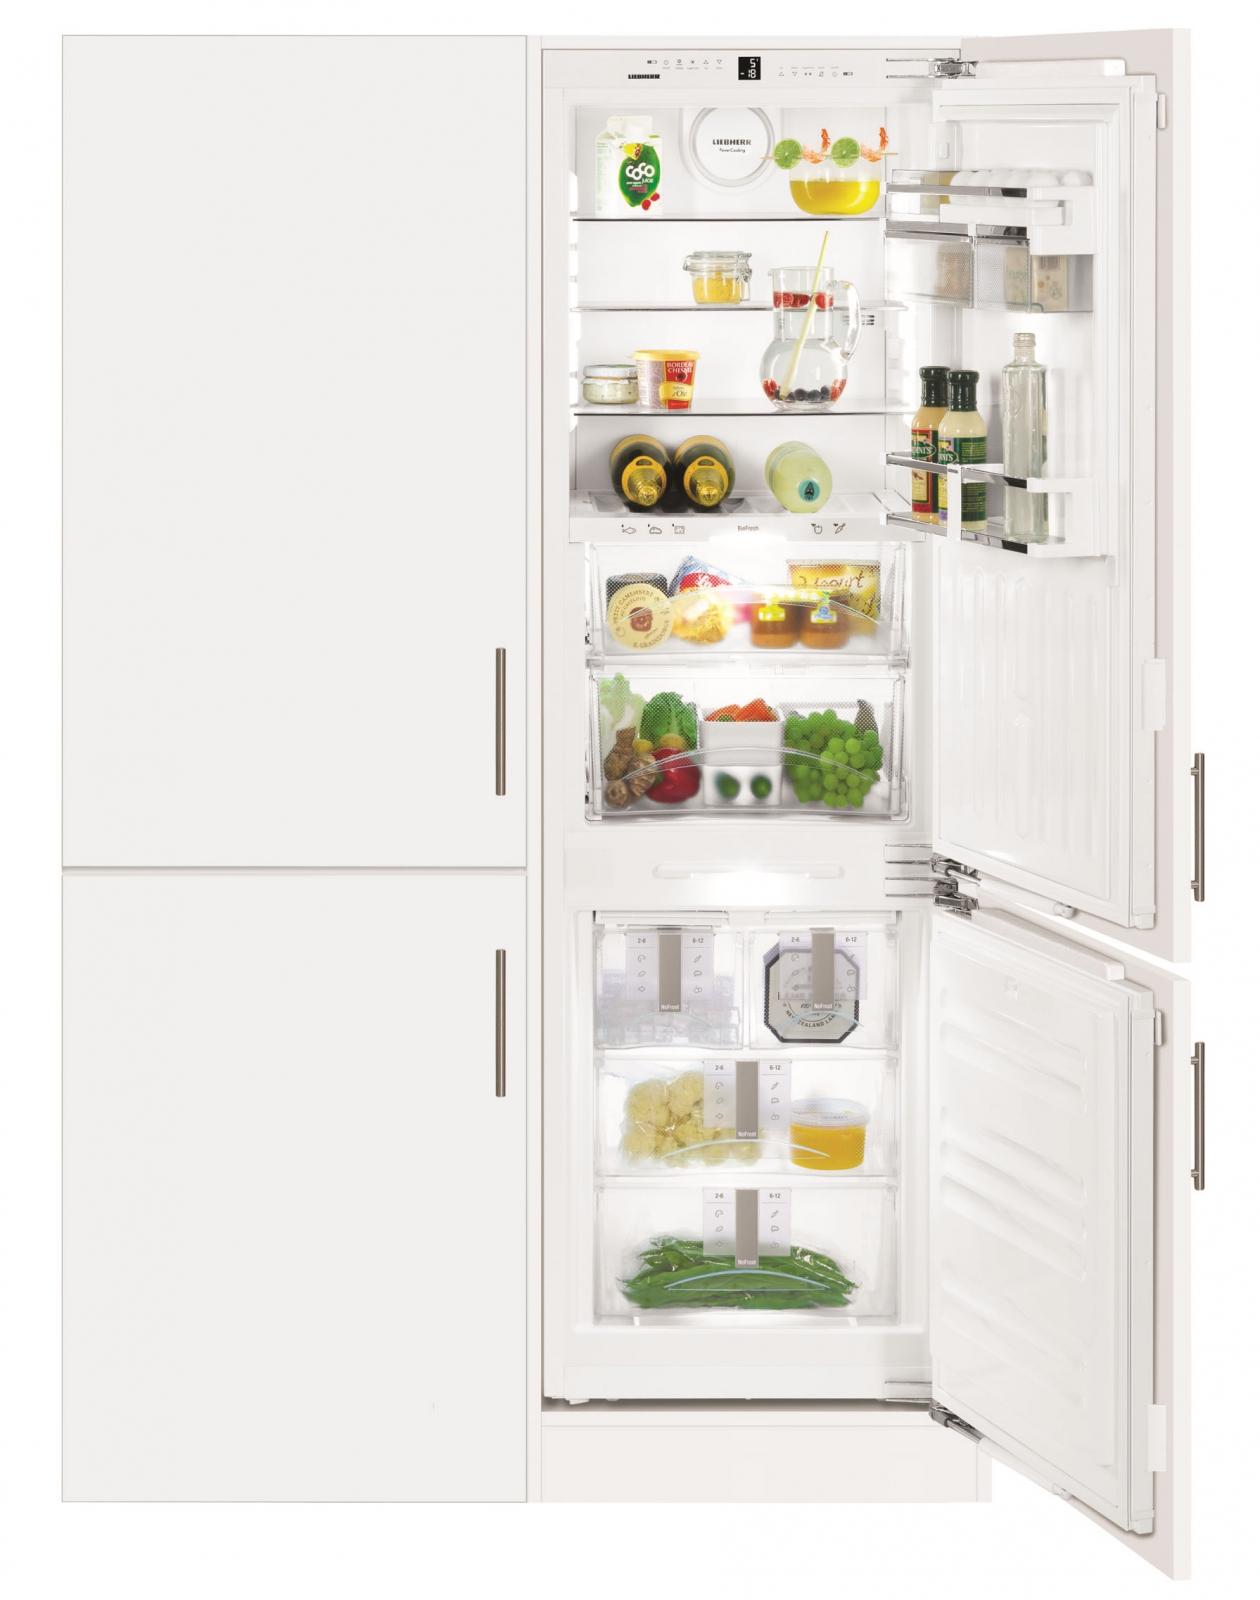 купить Встраиваемый холодильник Side-by-side Liebherr SBS 66I3 21 Украина фото 1